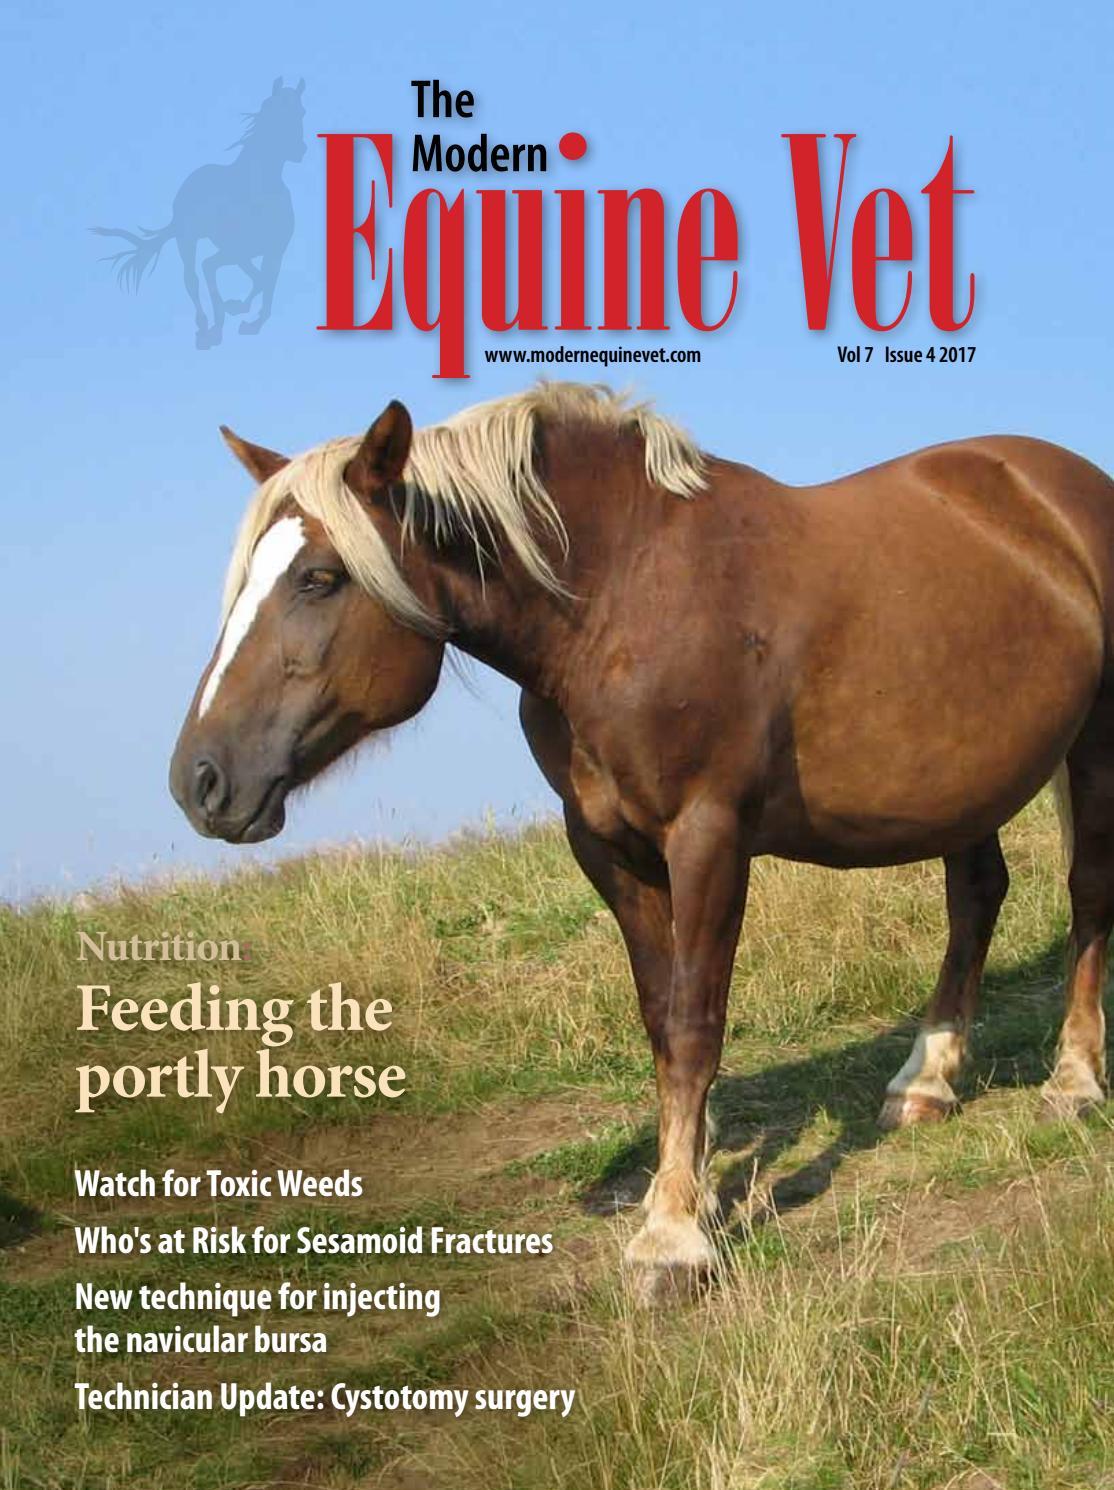 The Modern Equine Vet April 2017 by The Modern Equine Vet